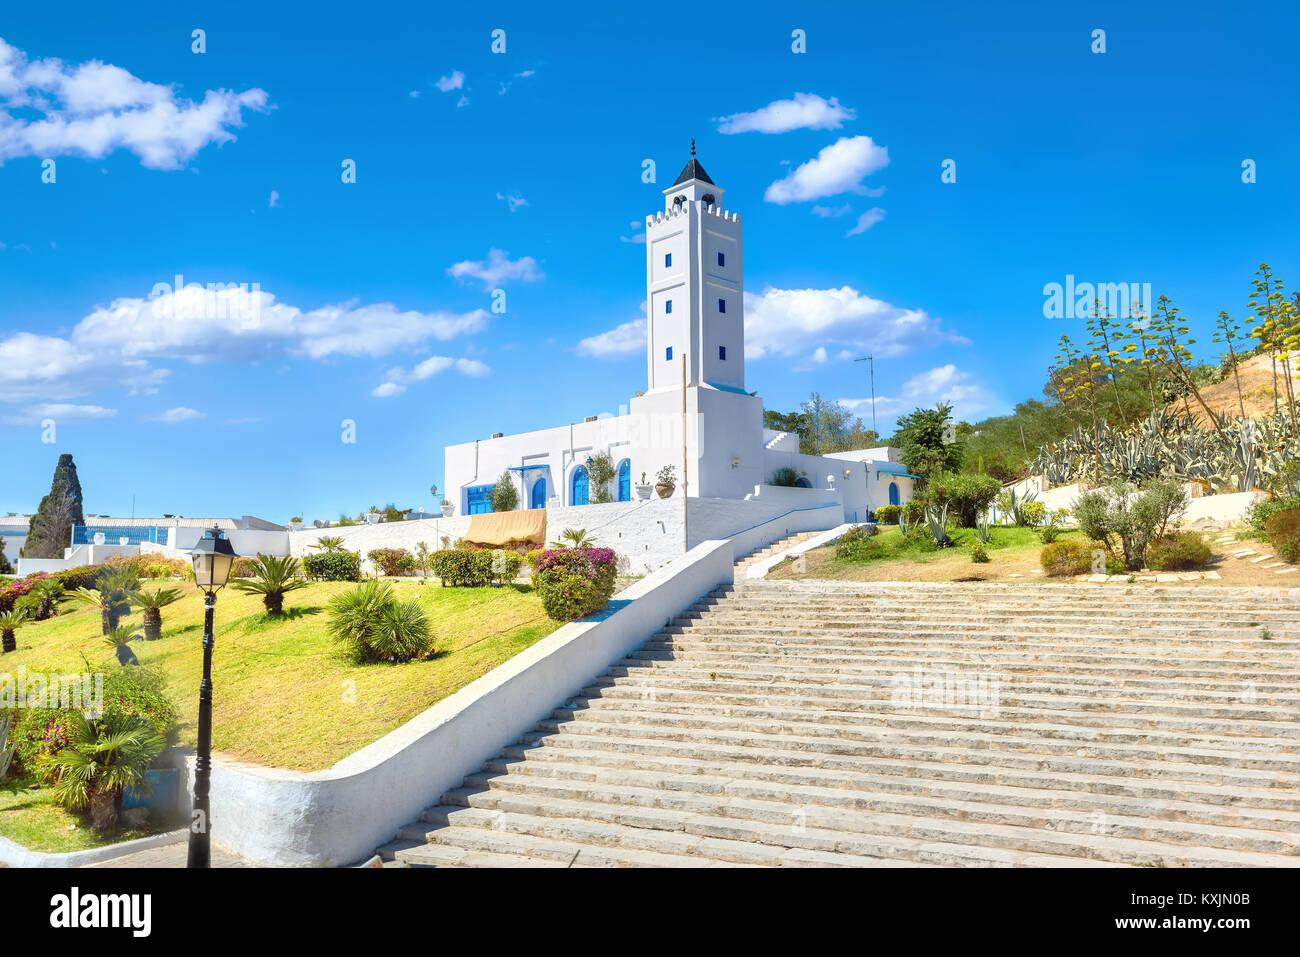 Vista della Moschea Bianca di Sidi Bou Said village. La Tunisia, Nord Africa Immagini Stock